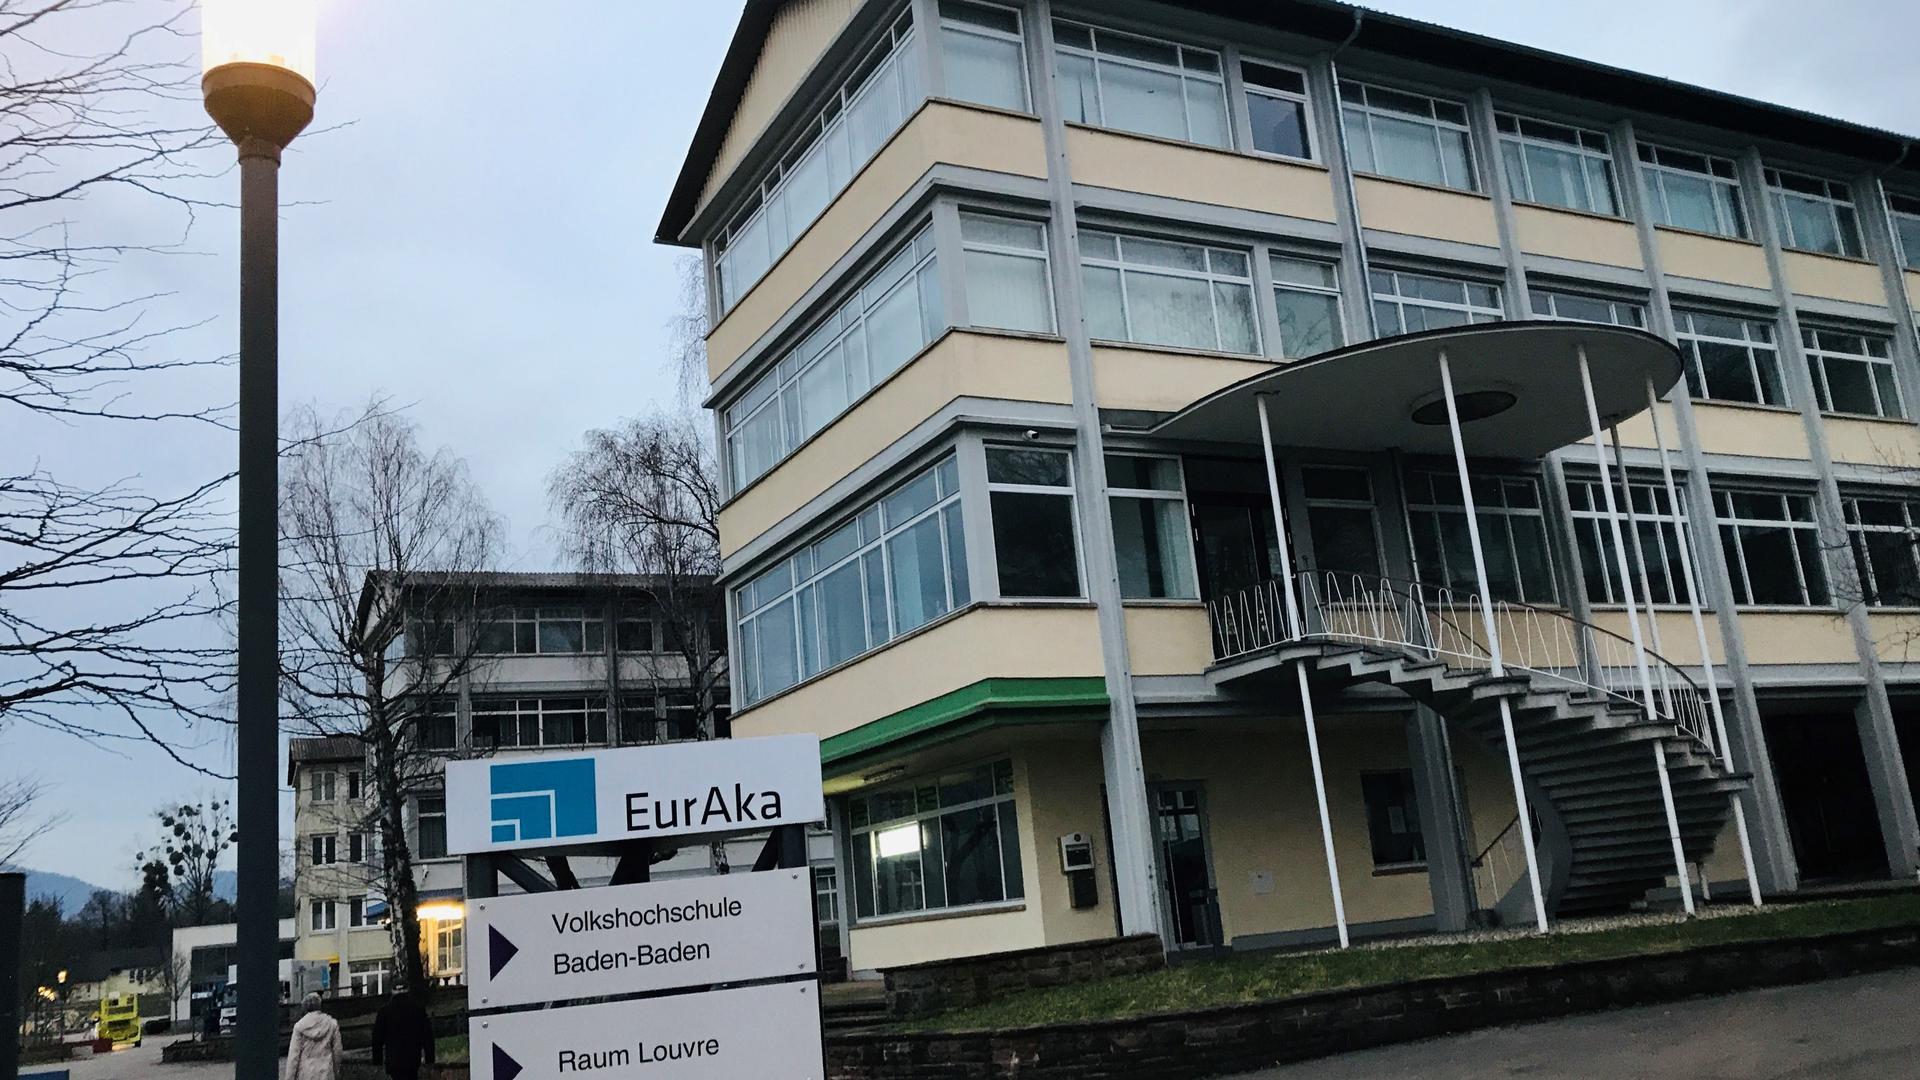 Den Charme der 50er-Jahre verbreiten Gebäude der EurAka, einem gemeinnützigen Unternehmen der Stadt Baden-Baden.